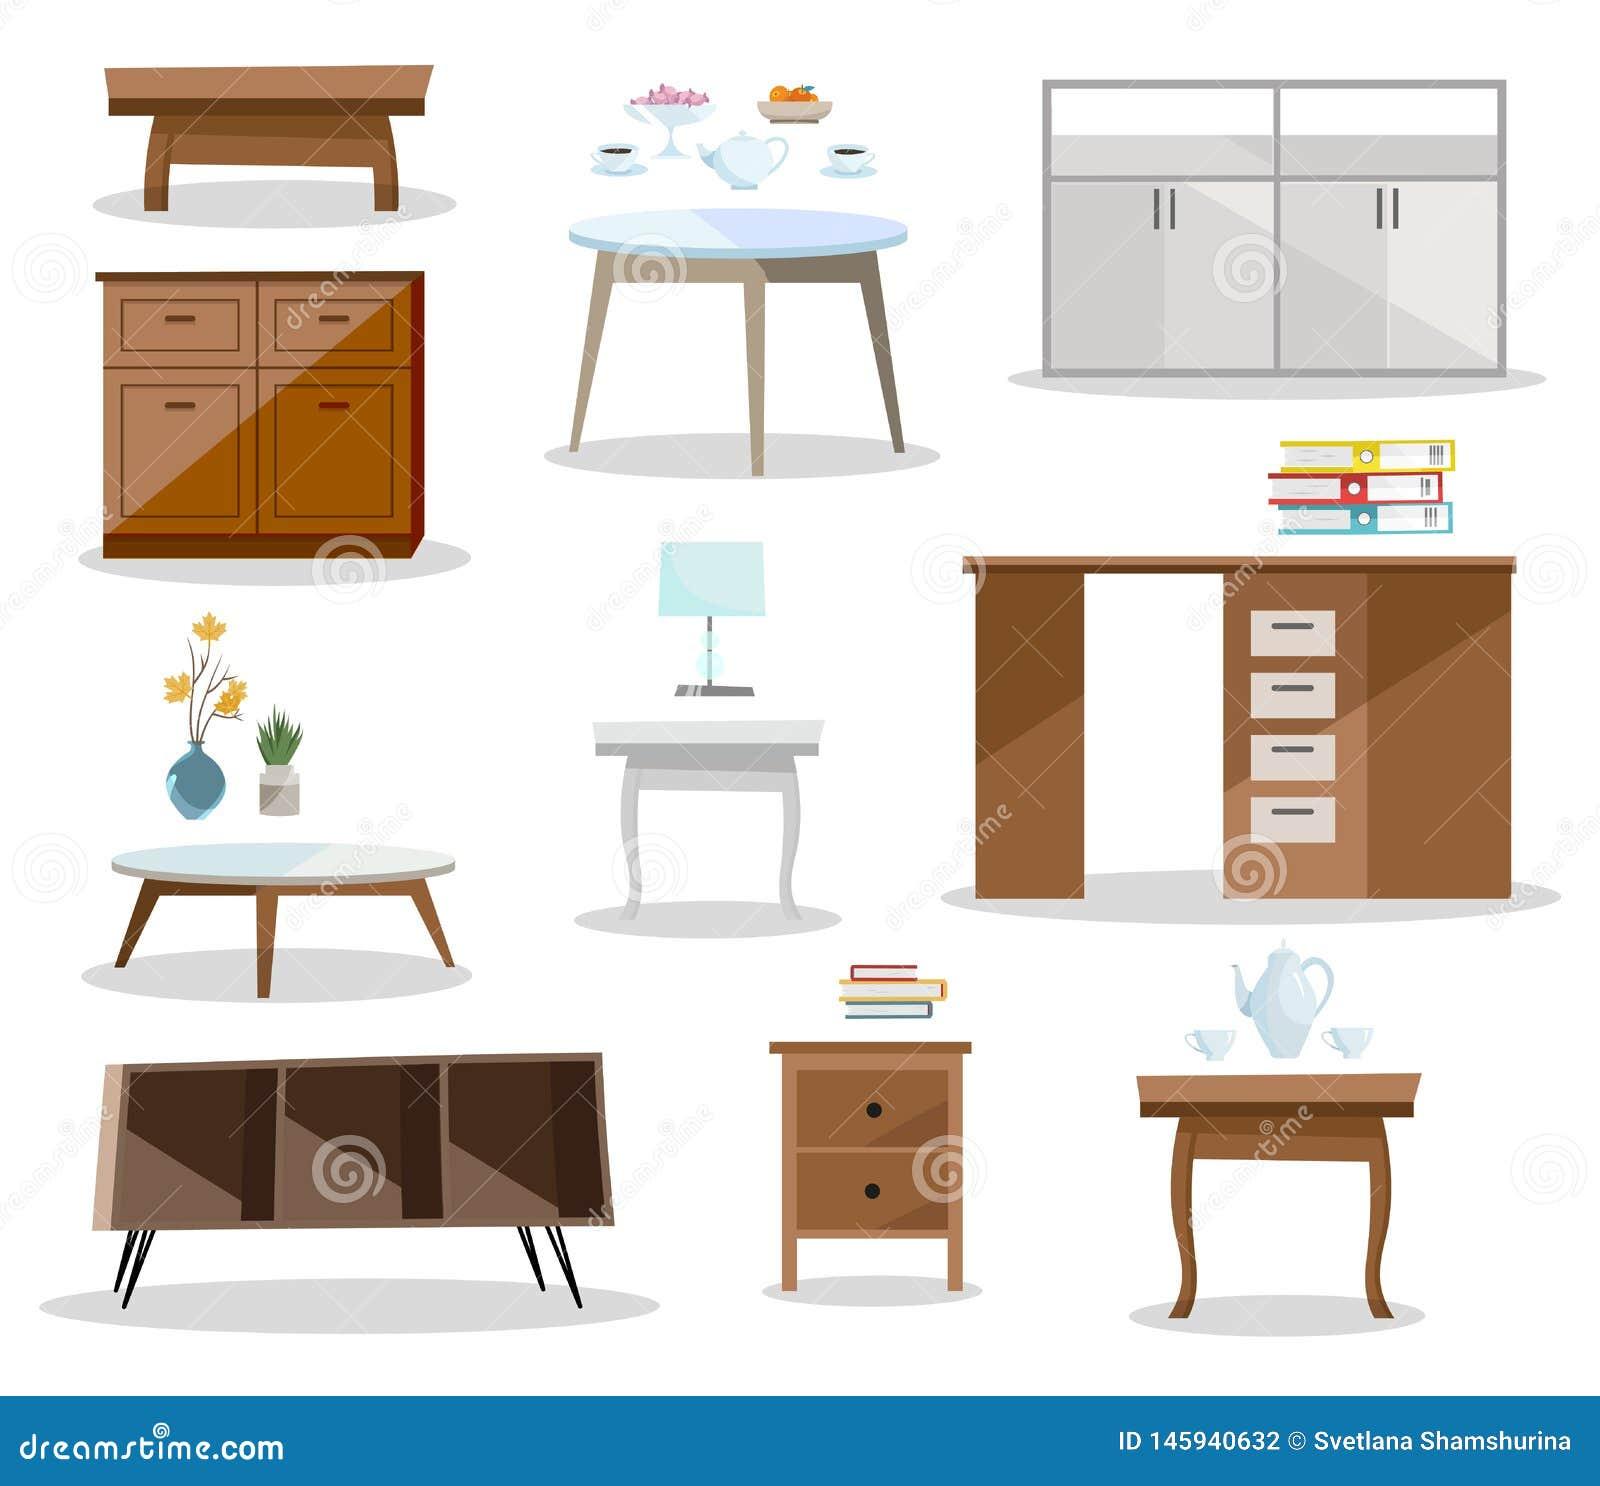 Stellen Sie von differernt Tabellen ein Bequemes Möbel nightstand, Schreibtisch, Bürotisch, Couchtisch im modernen Entwurf